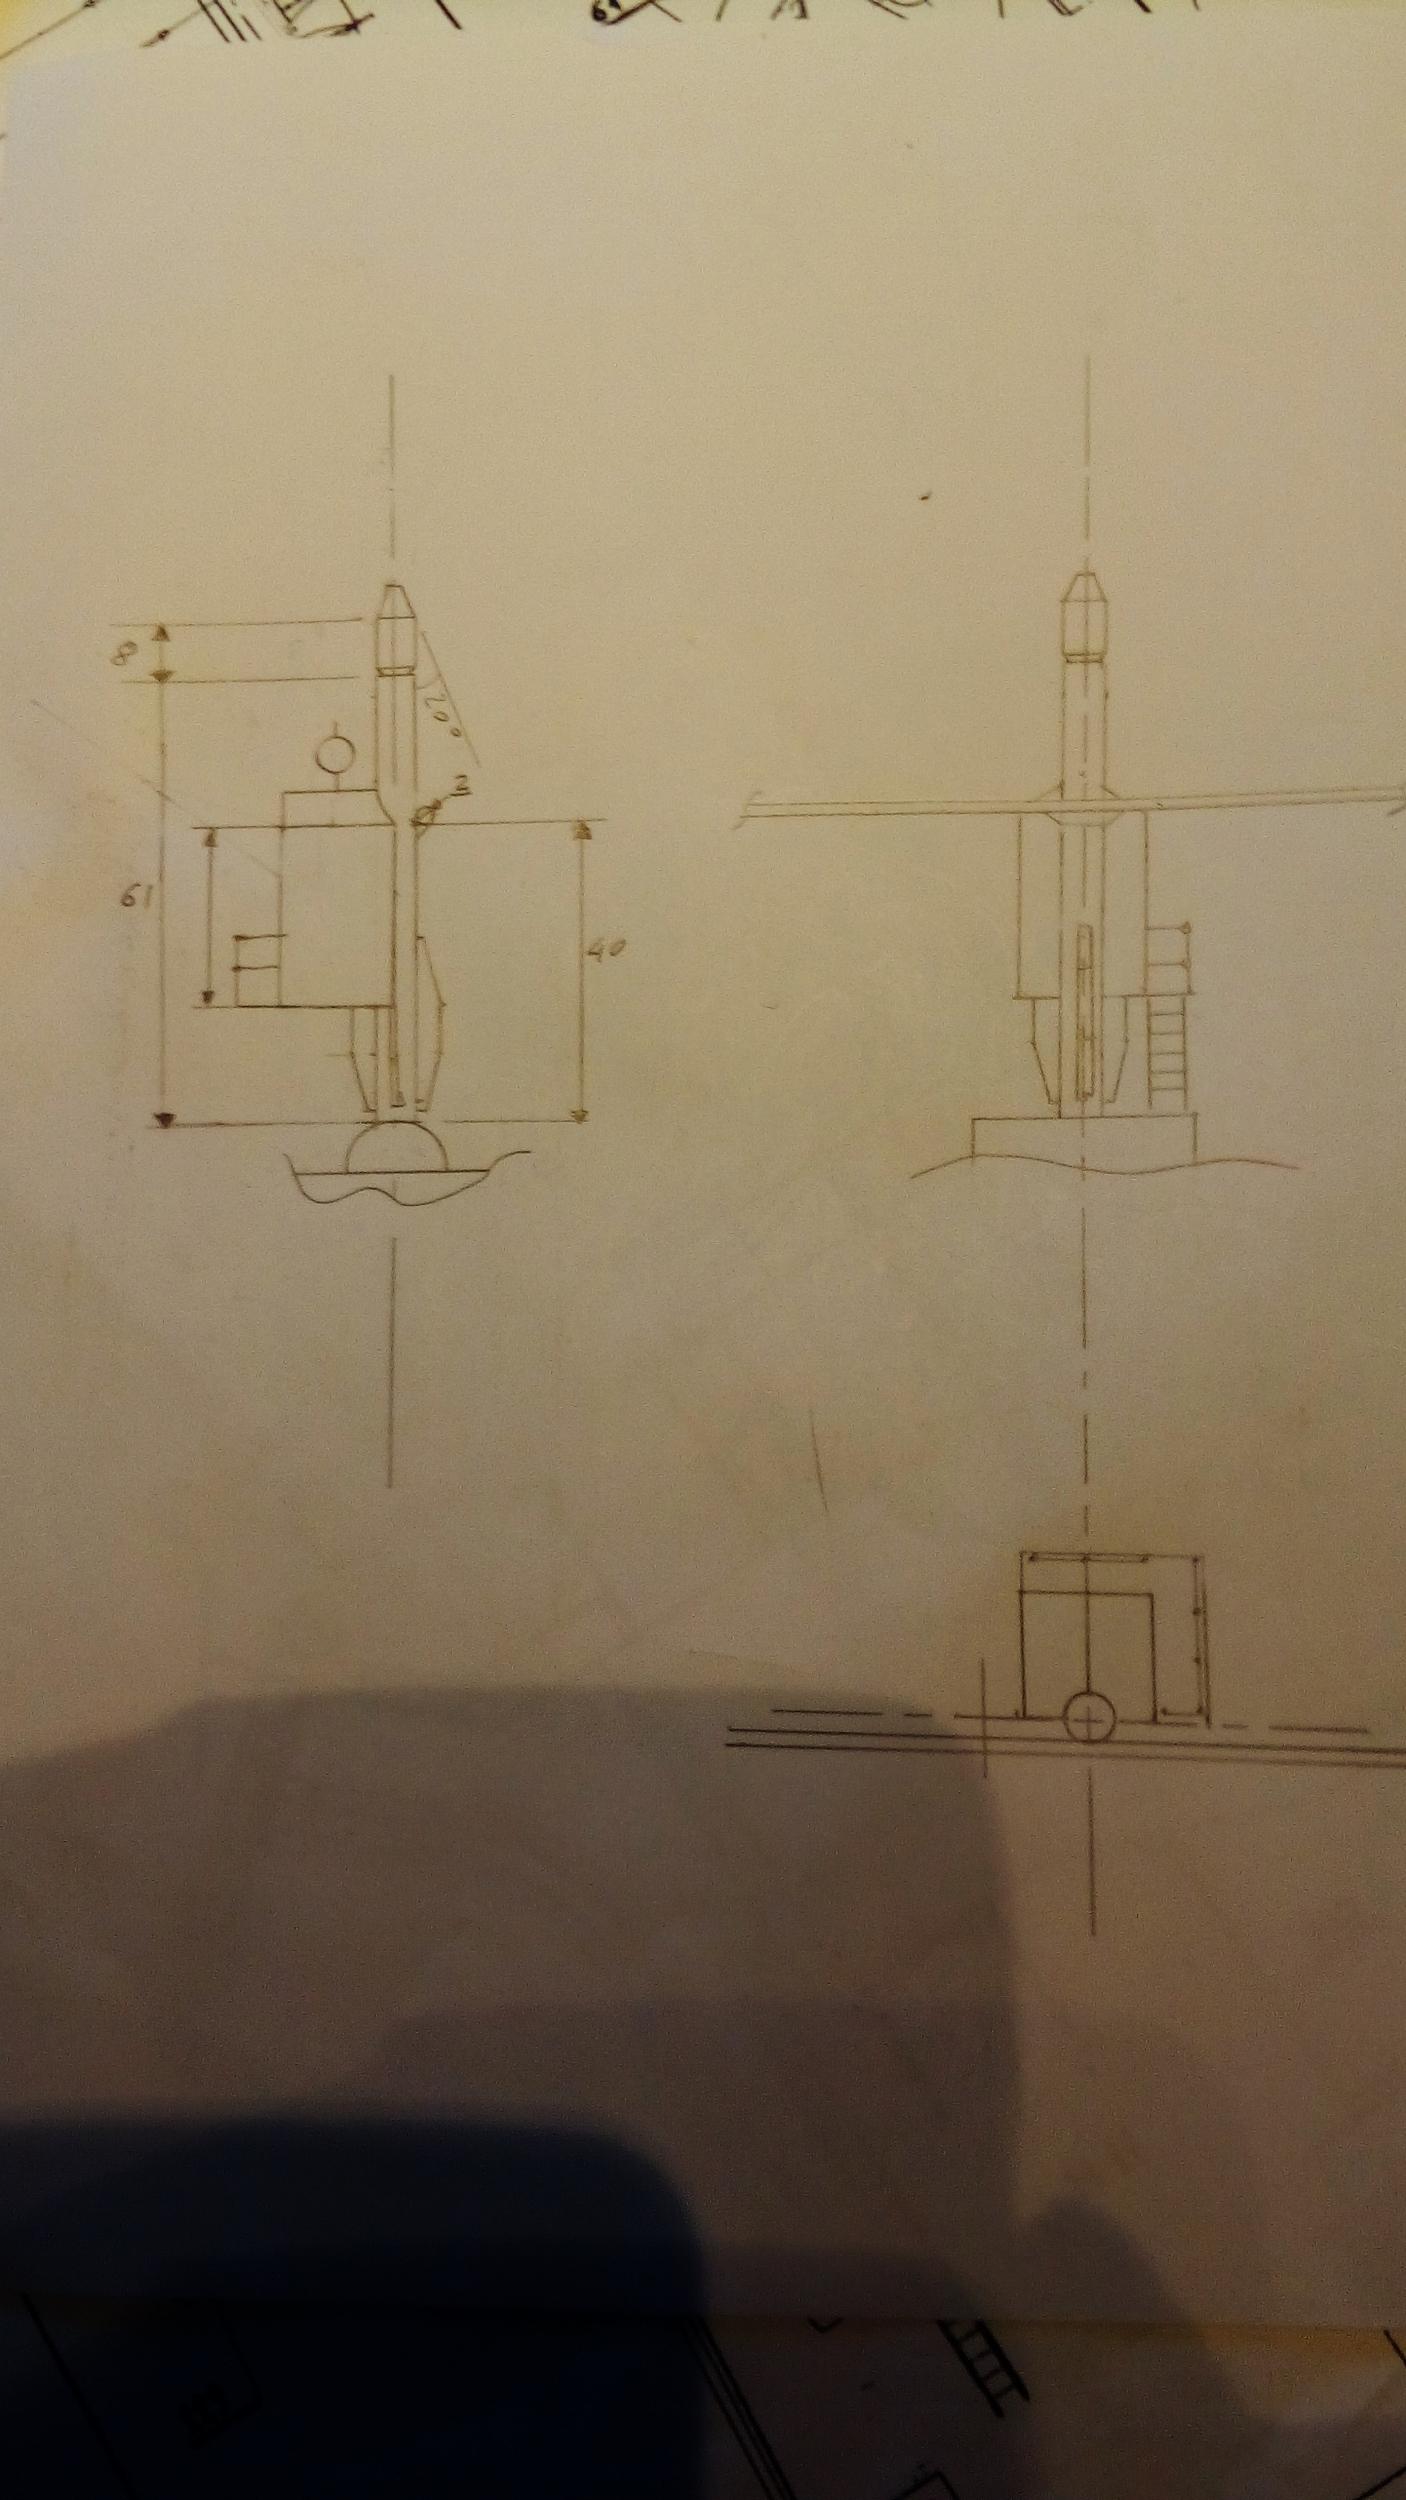 Cuirassé Richelieu 1/100 Vrsion 1943 sur plans Polonais et Sarnet + Dumas - Page 4 749983IMG201612271622191406x2500